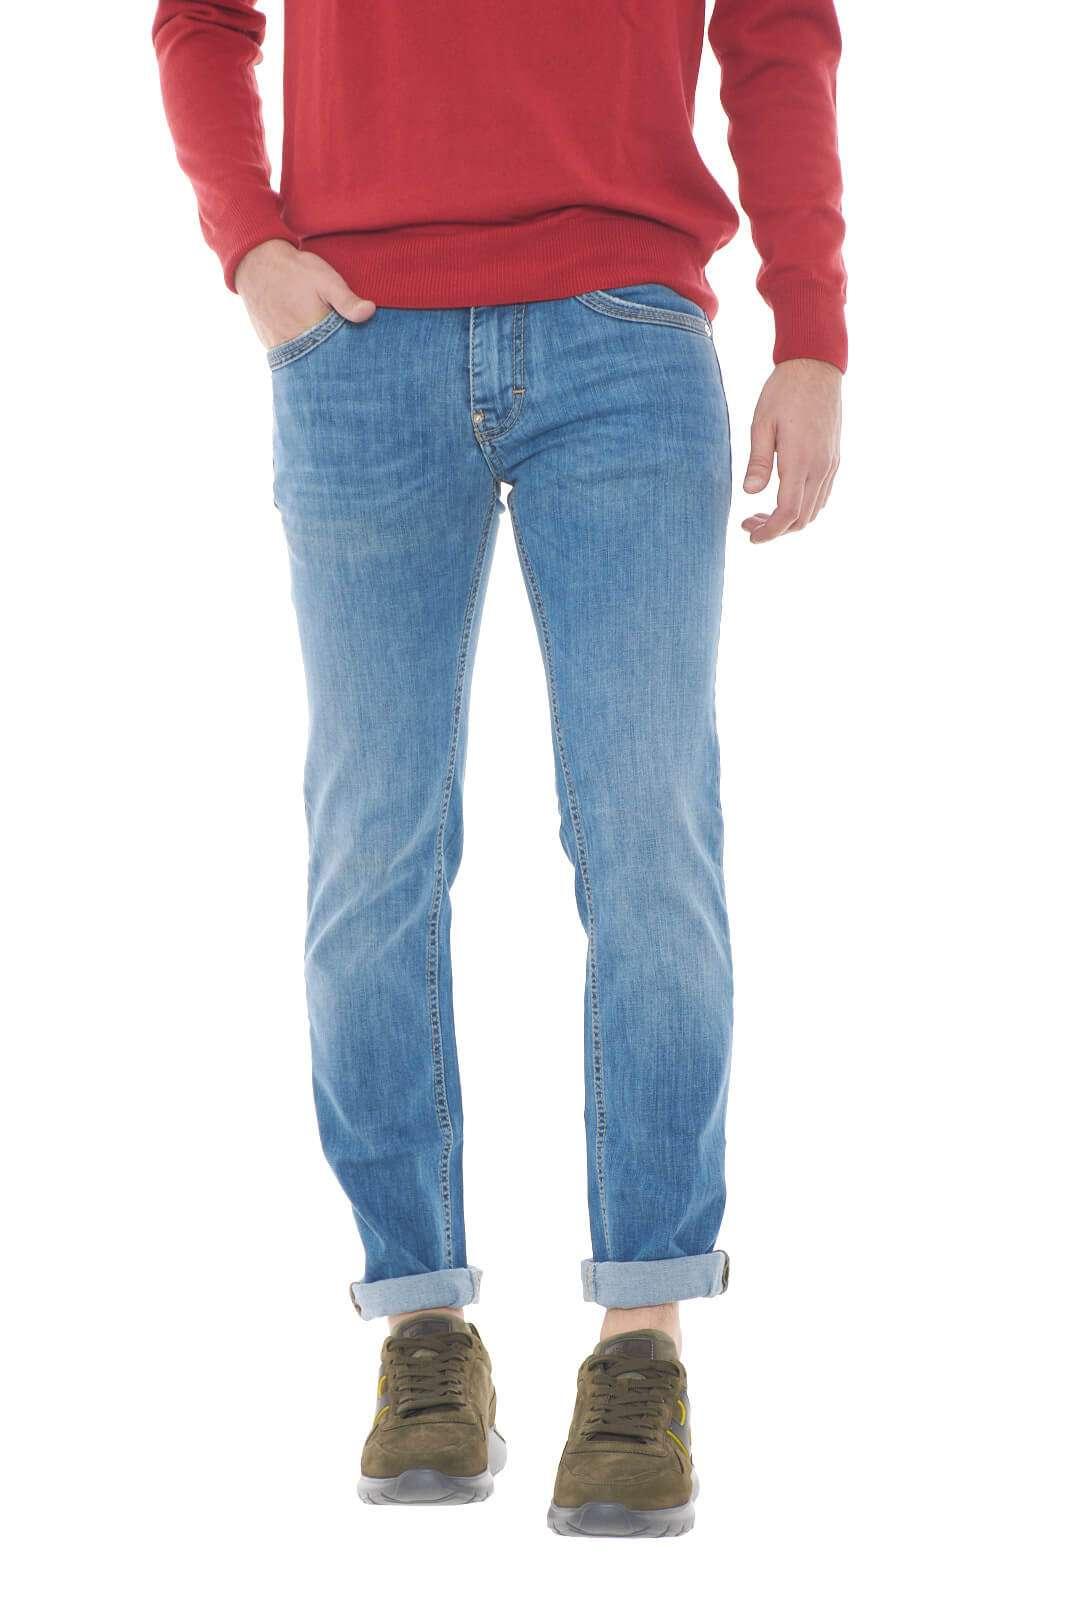 Versatile e alla moda il jeans ALBERT firmato Gas. Perfetto per look di tutti i giorni, curati e trendy, per abbinamenti universali sempre impeccabili.  Il modello è alto 1,80m e indossa la taglia 31.